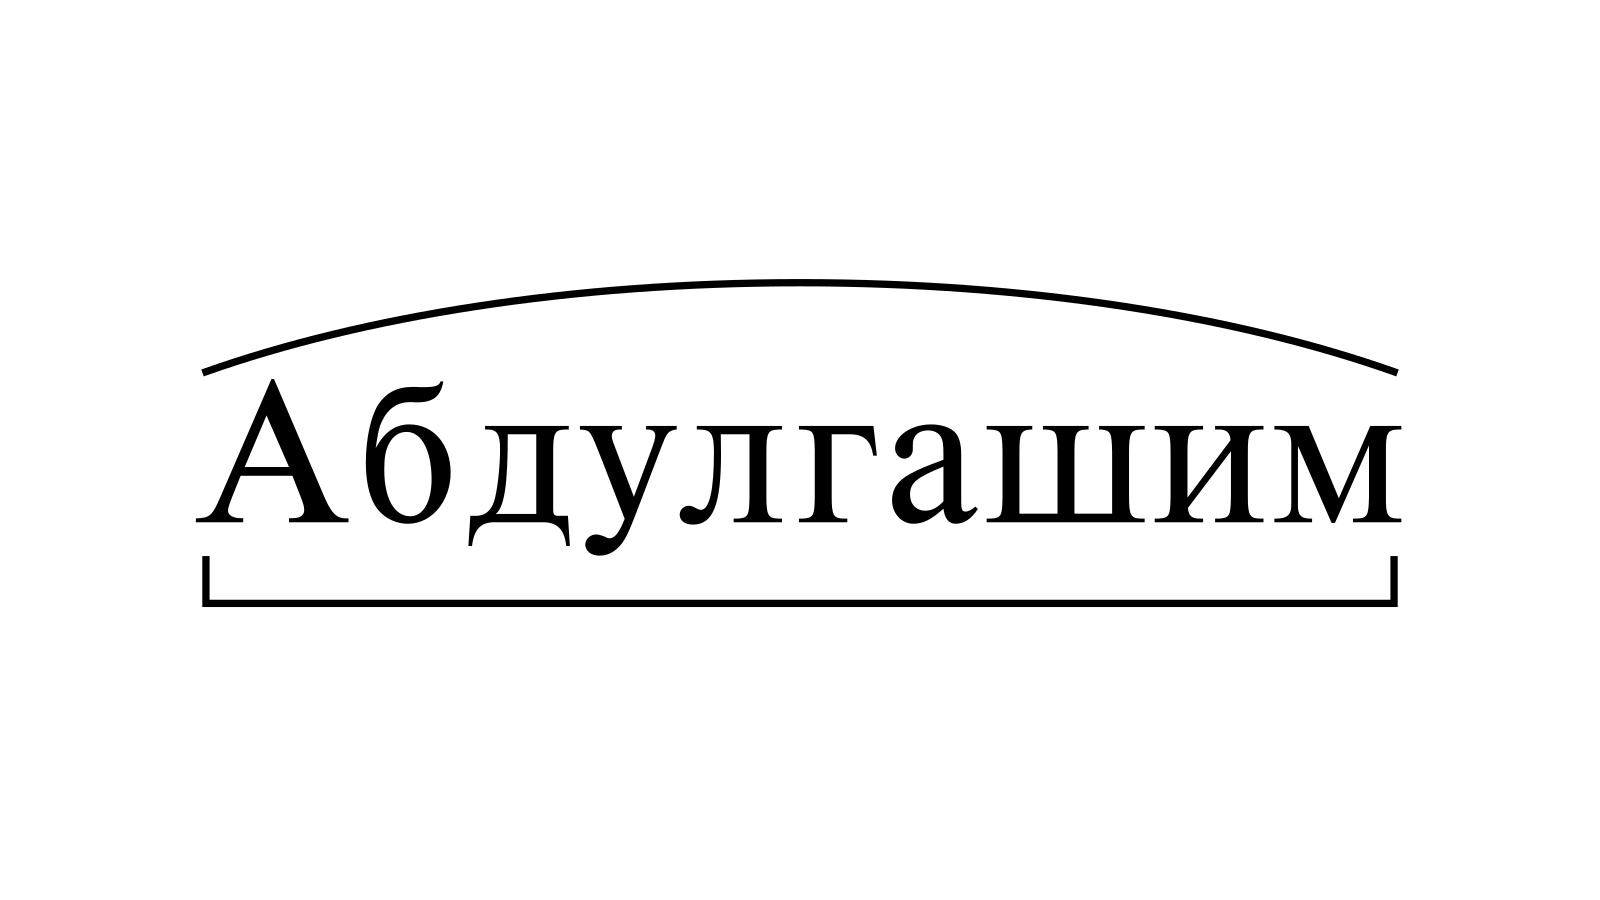 Разбор слова «Абдулгашим» по составу